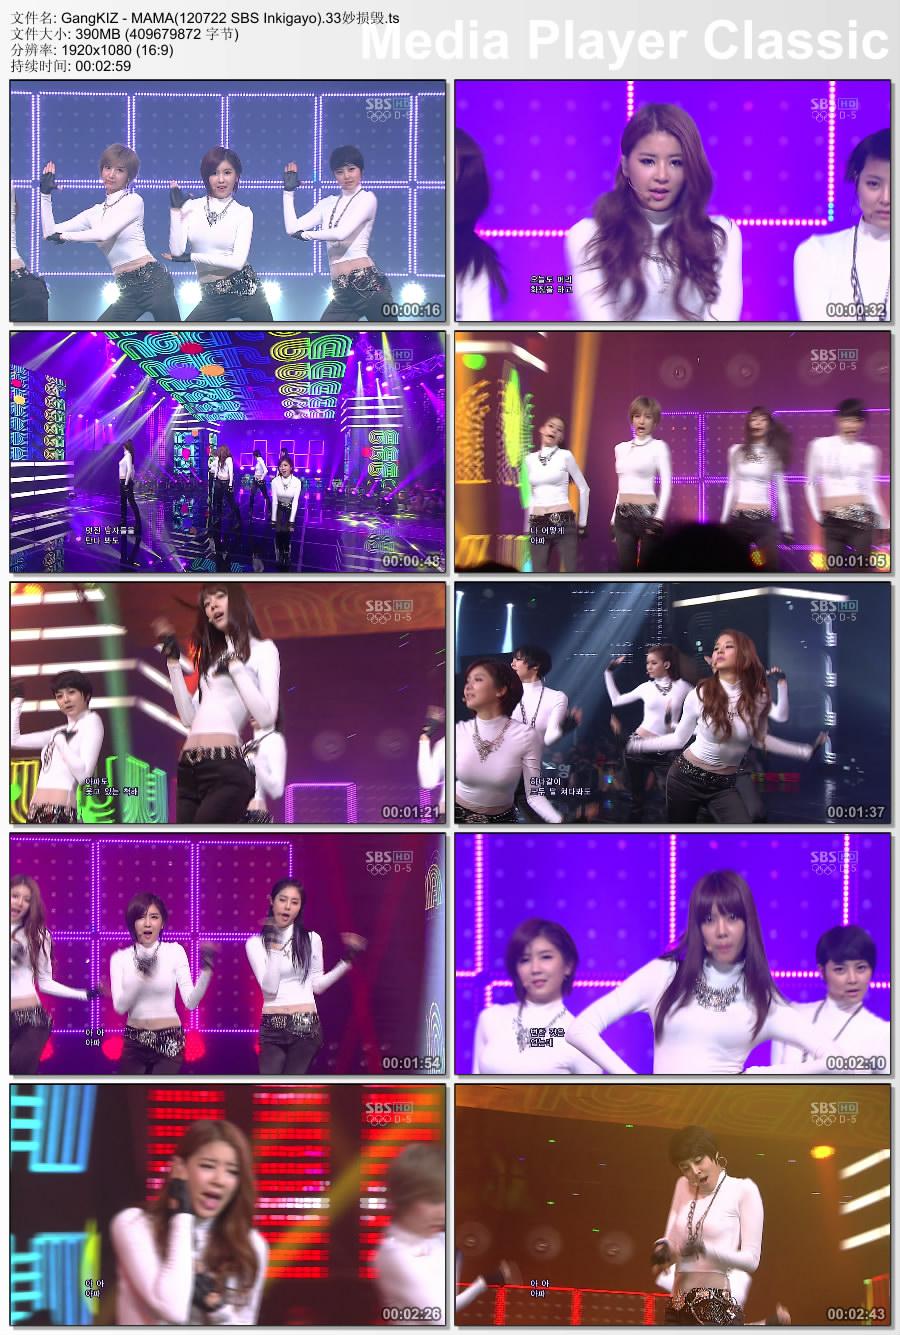 GangKIZ - MAMA(120722 SBS Inkigayo).ts